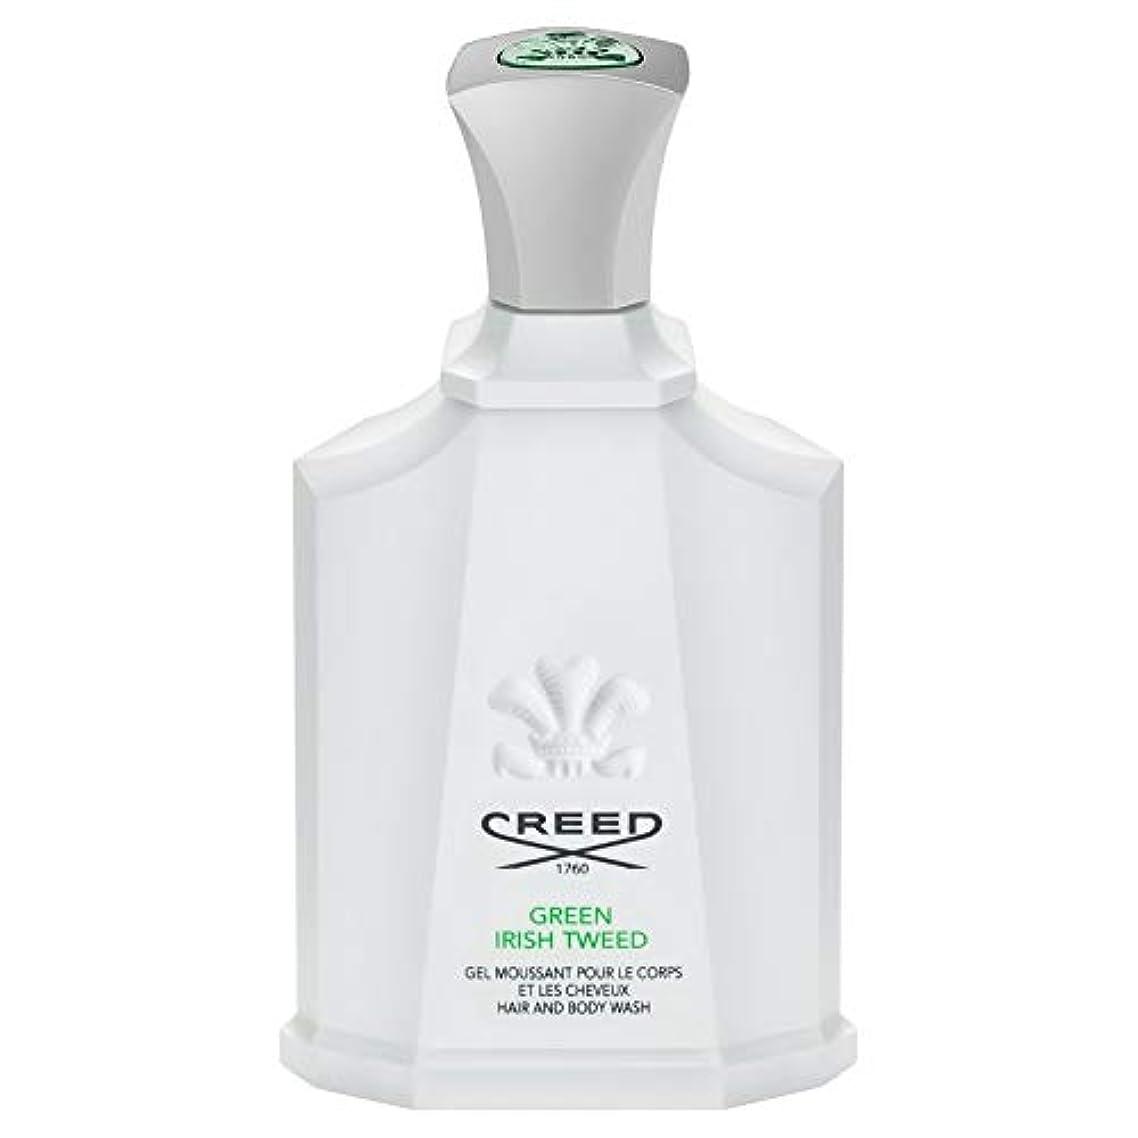 ユダヤ人おとなしい傀儡[Creed ] 信条グリーンアイリッシュツイードシャワージェル200Ml - CREED Green Irish Tweed Shower Gel 200ml [並行輸入品]